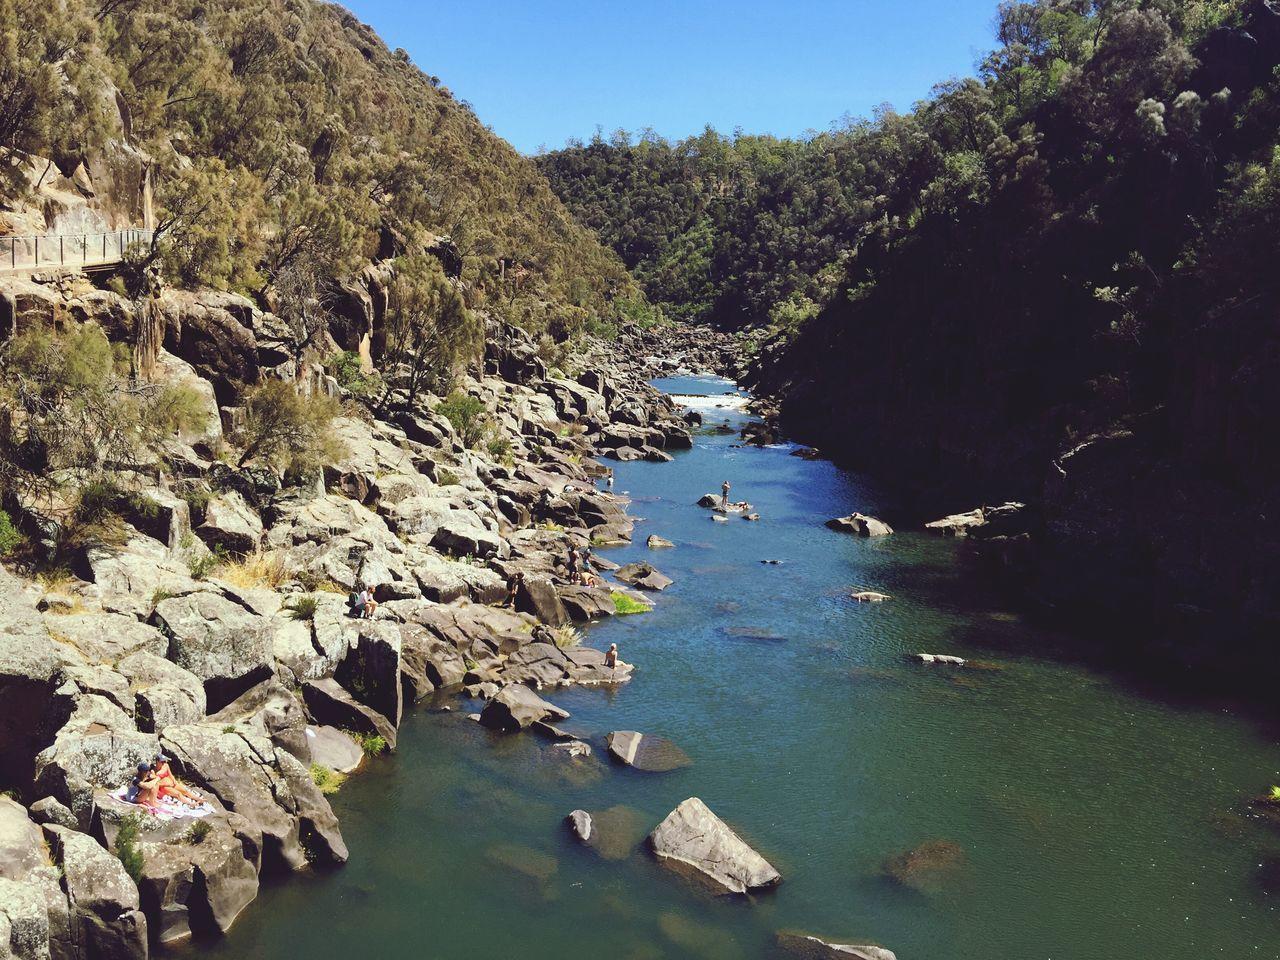 Water Nature Beauty In Nature Scenics EyeEmNewHere